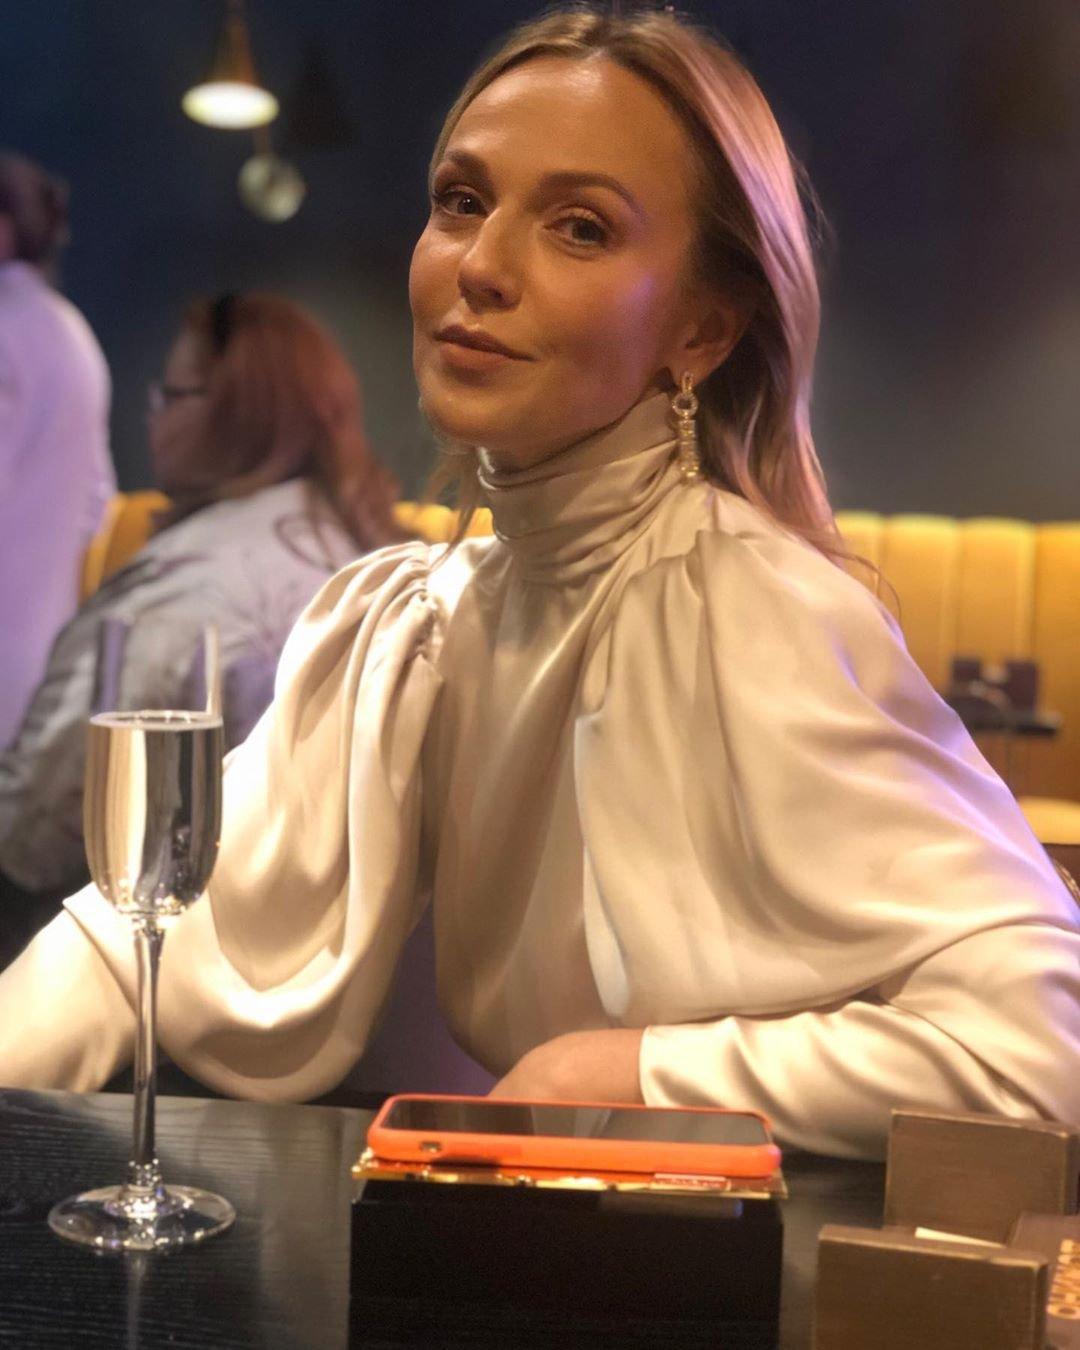 Альбина Джанабаева выбрала необычный наряд для светского мероприятия